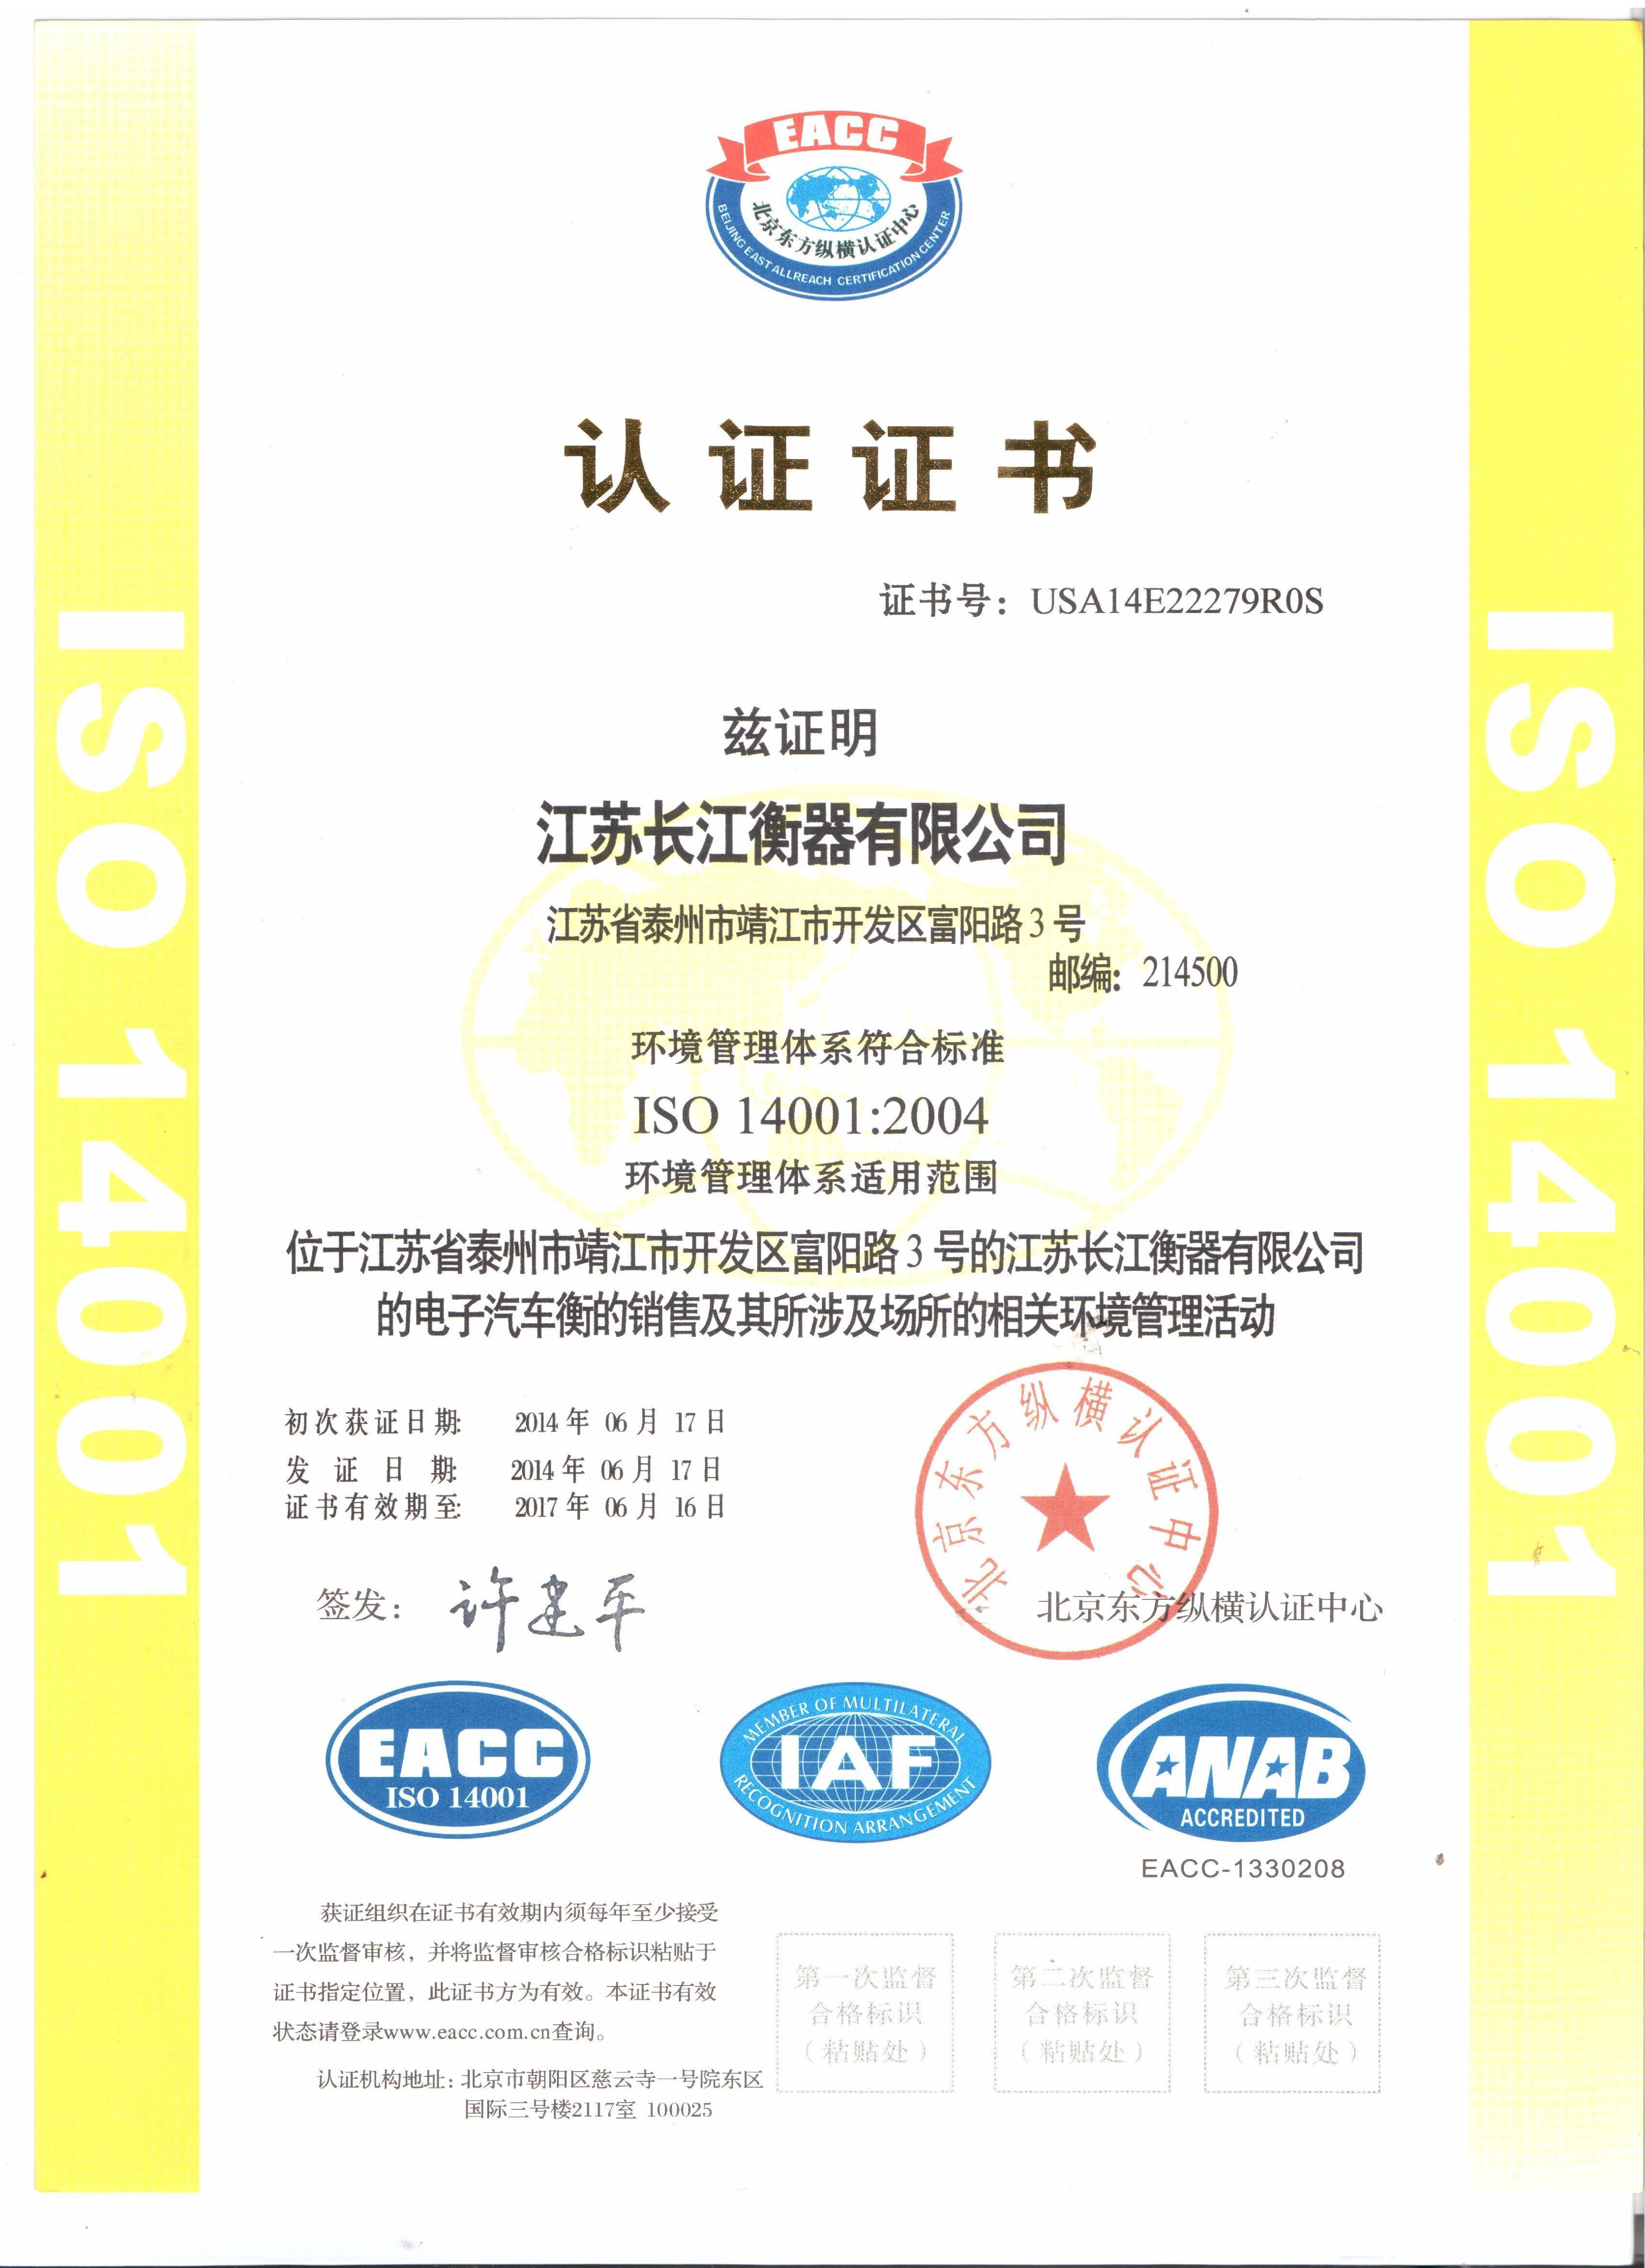 江苏长江衡器之环境管理体系证书